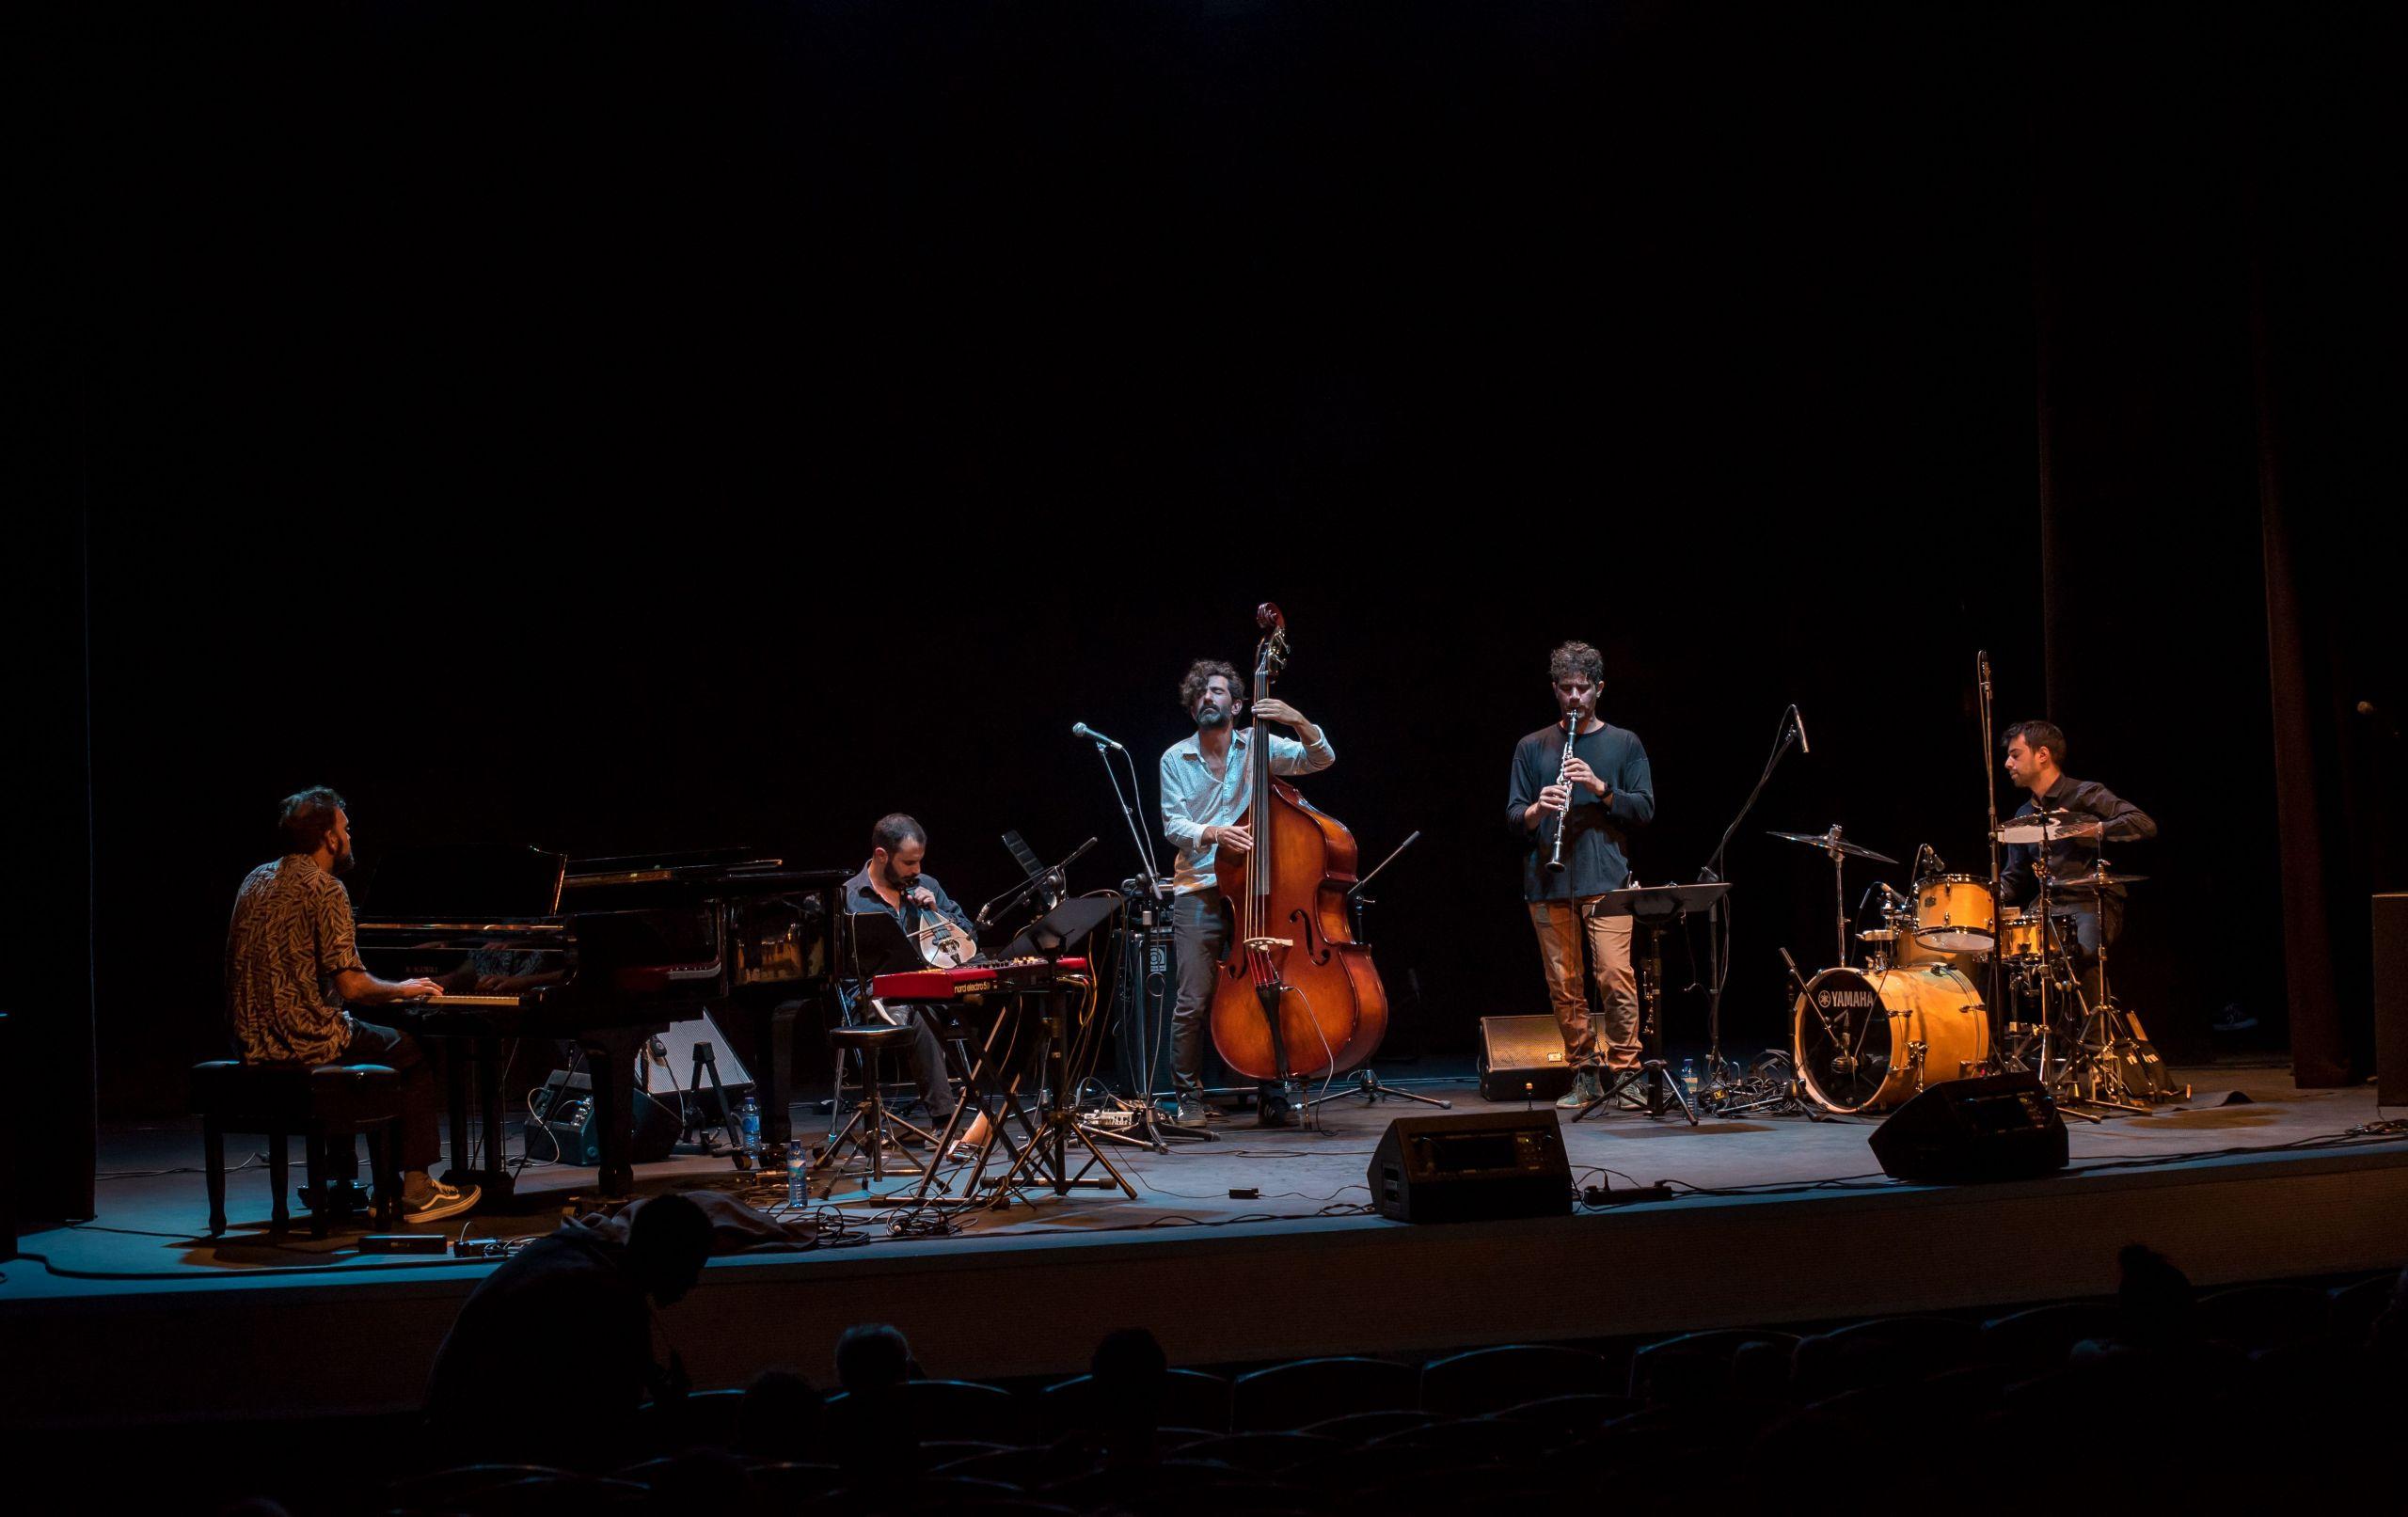 Το Mihalis Kalkanis Group στο Jazz Palma Festival της Ισπανίας